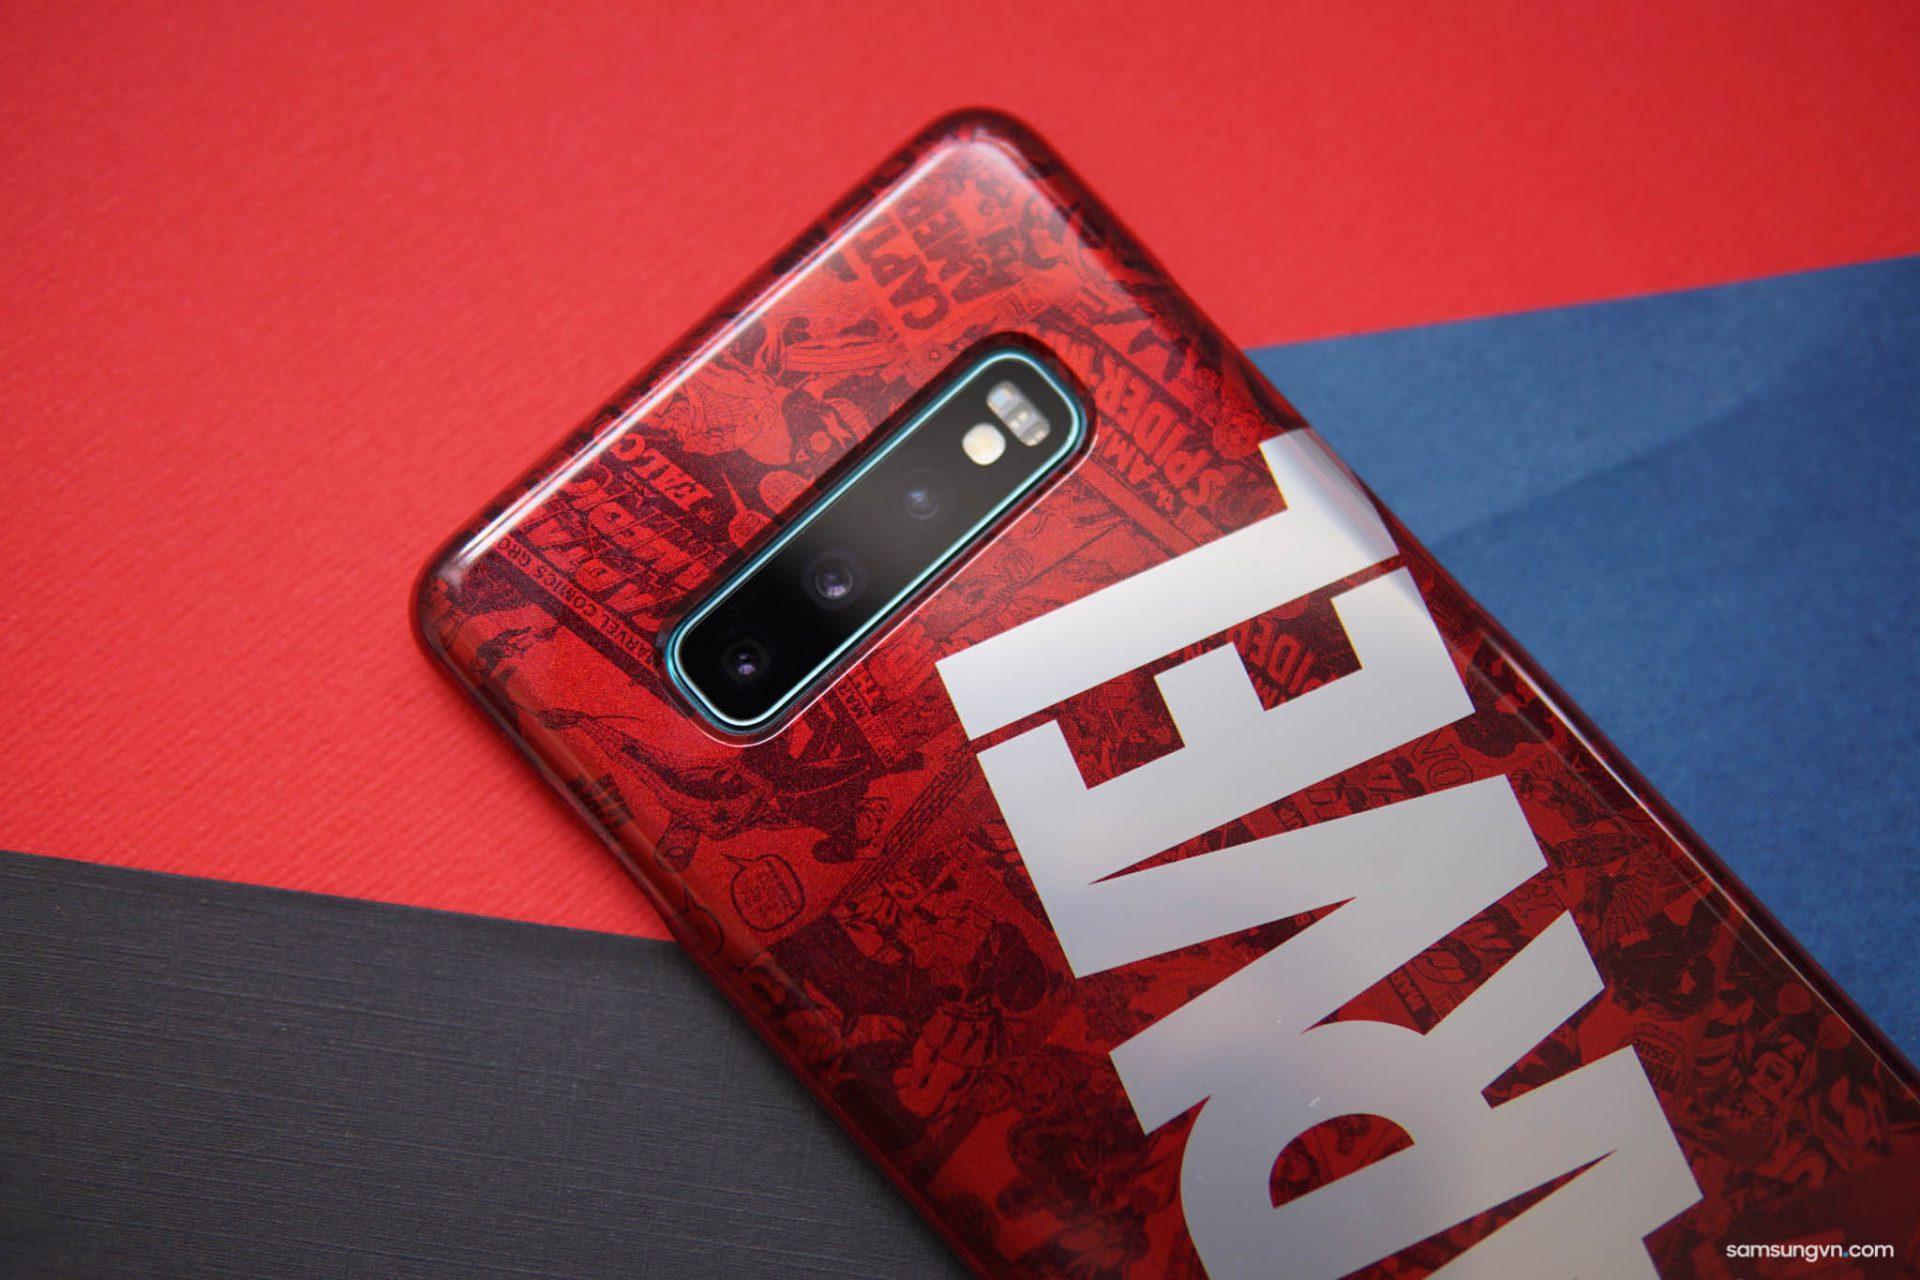 Thời gian tới, Samsung sẽ có smartphone với camera độ phân giải lên đến 64MP